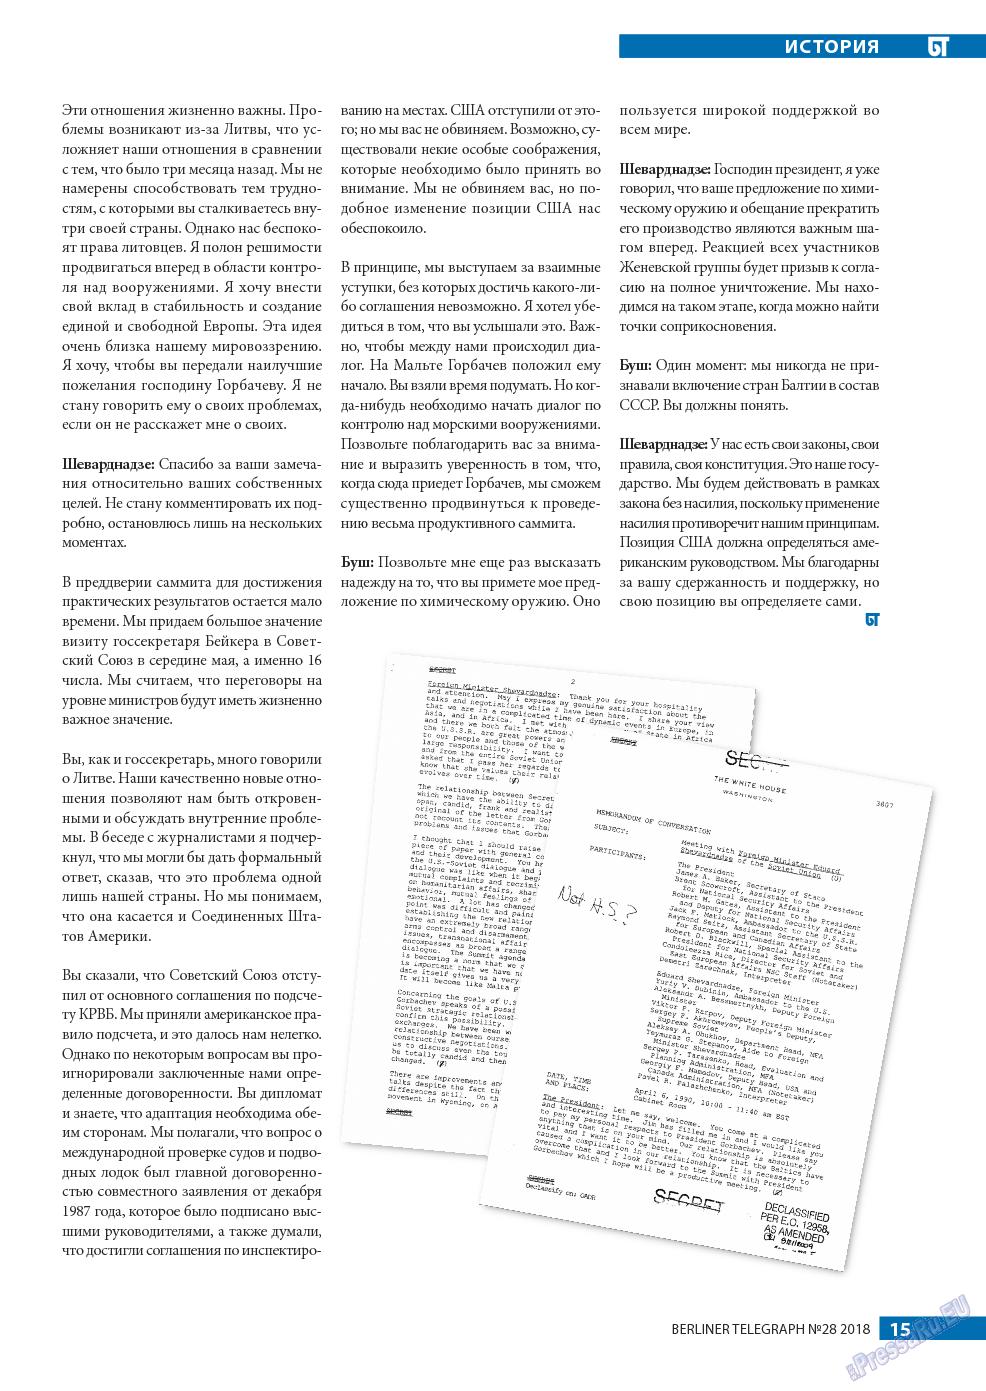 Берлинский телеграф (журнал). 2018 год, номер 28, стр. 15